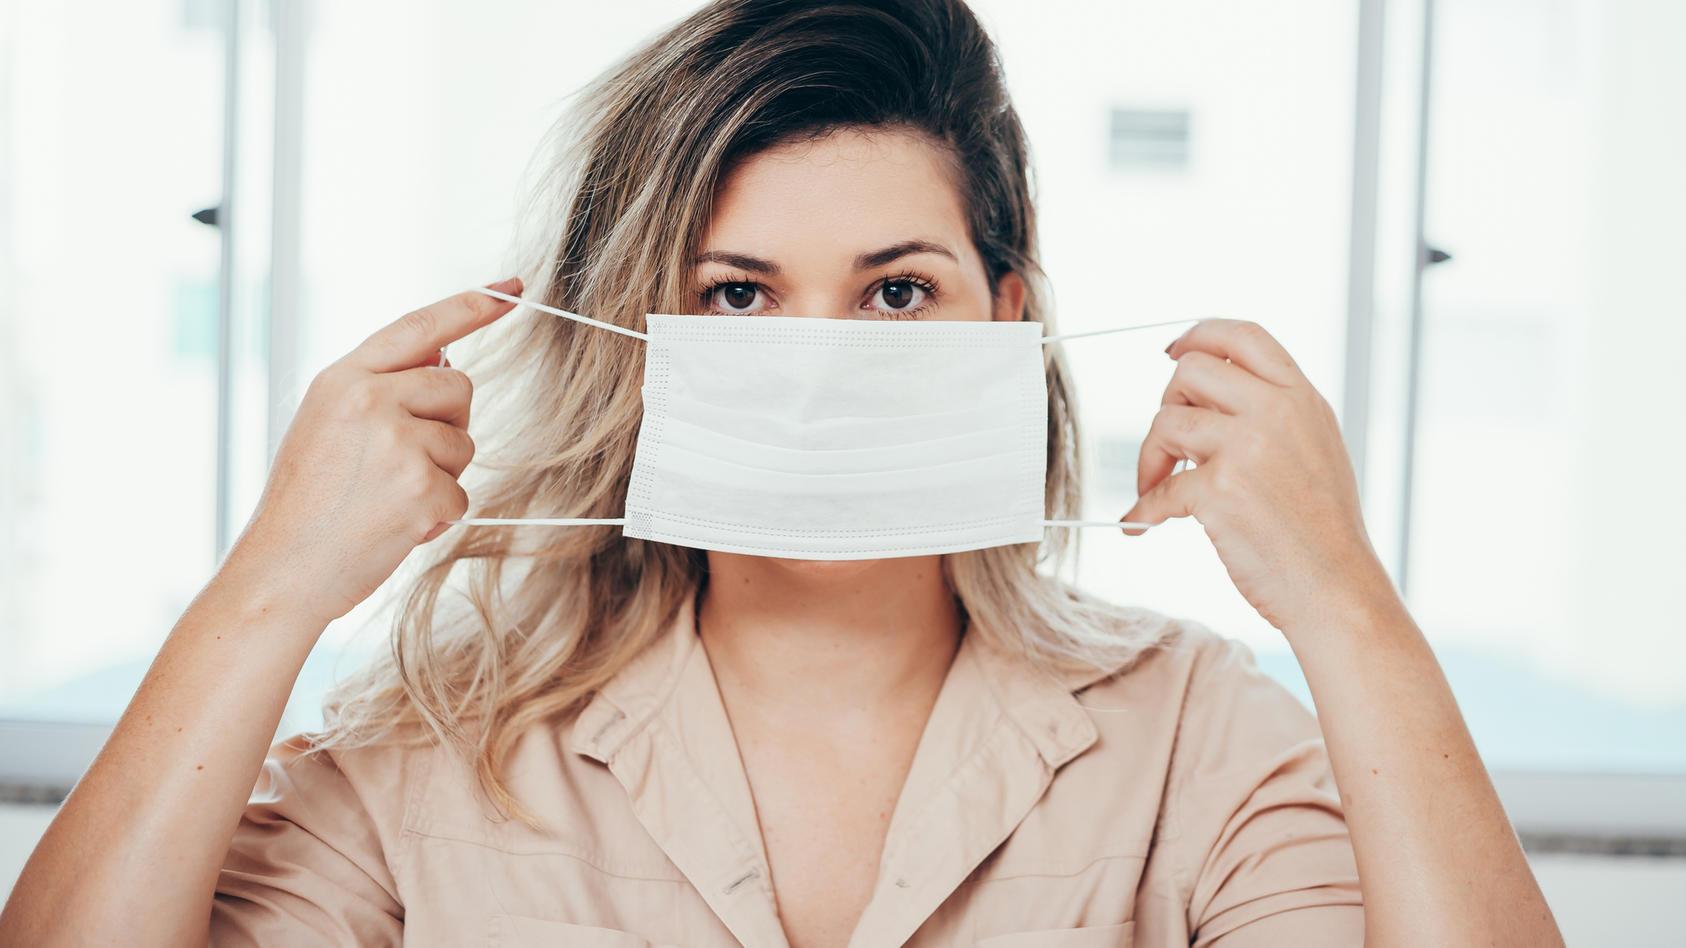 Eine Studie zeigt, dass OP-Masken Schutz gegen eine Ansteckung mit dem Coronavirus bieten.